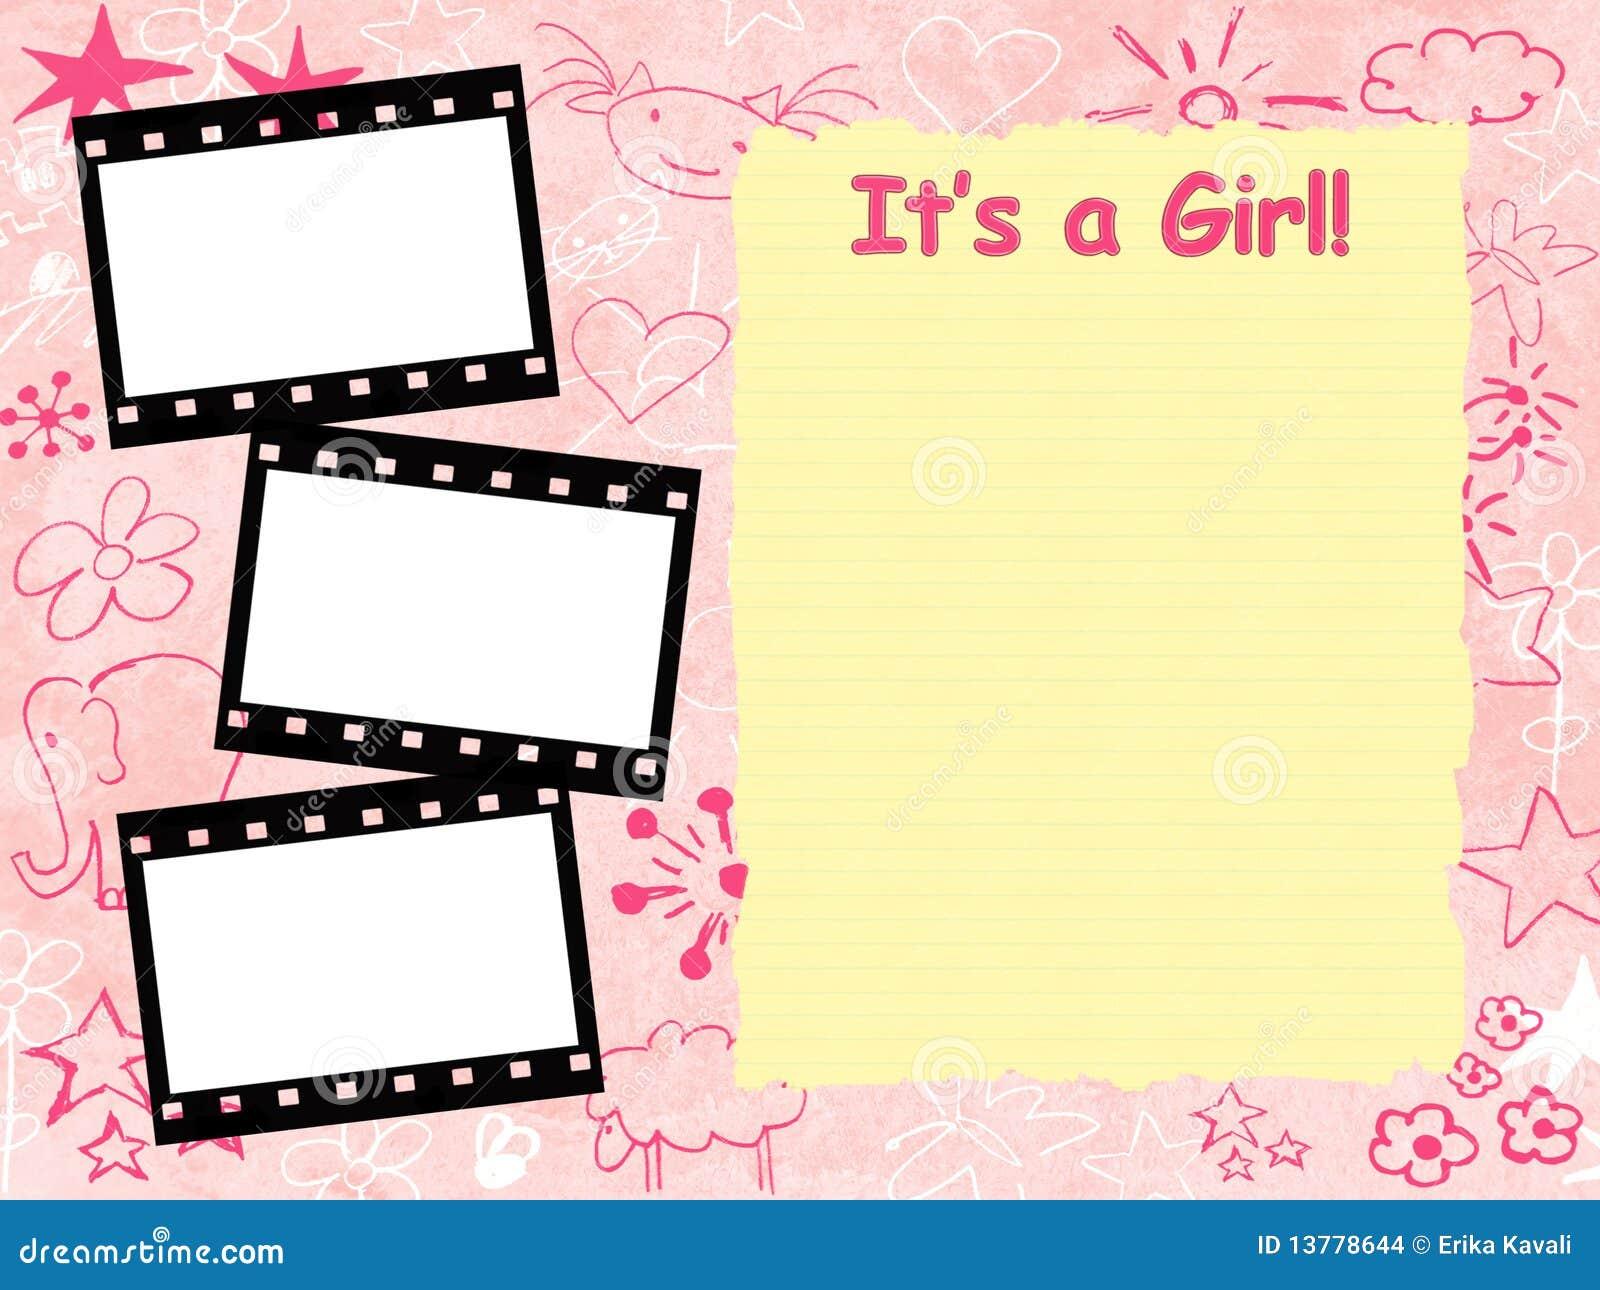 Its A Girl Banner Template Its a girl framework template